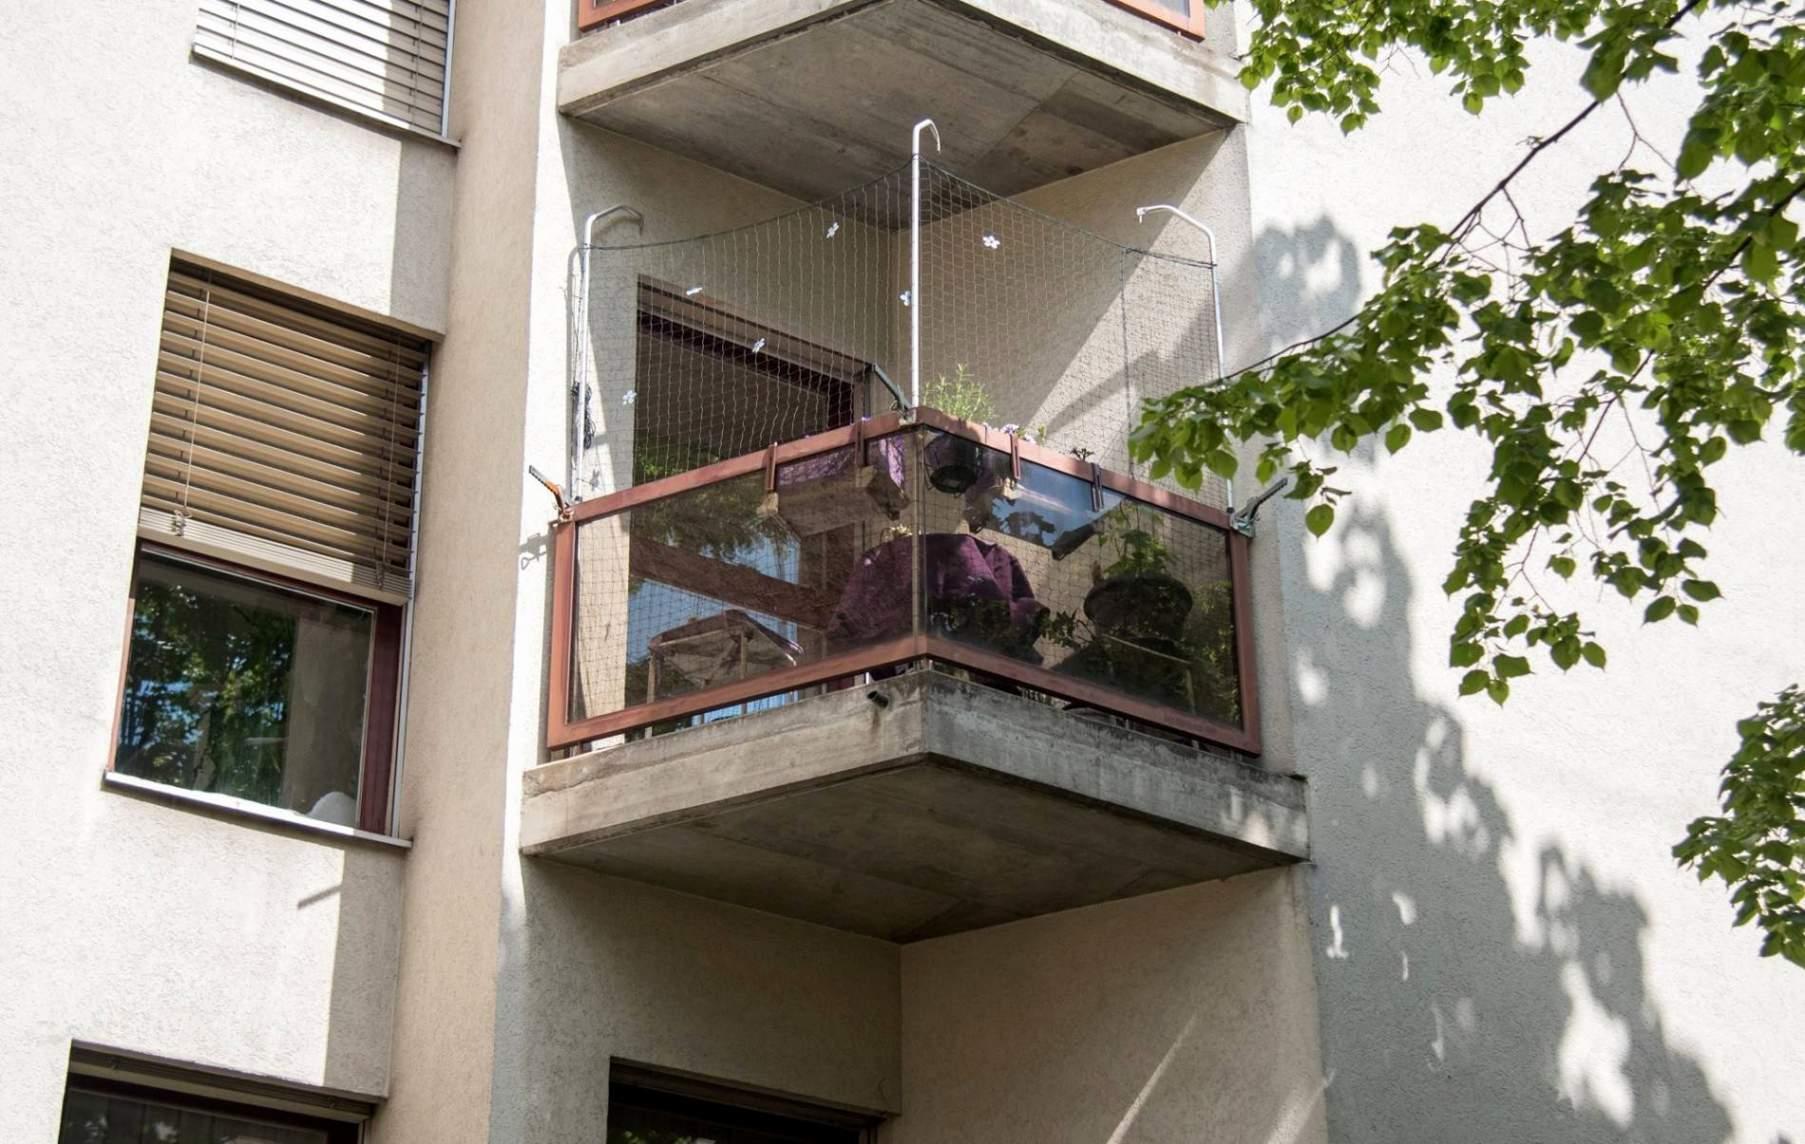 garten balkon best sitzbank mit stauraum garten neu sessel sitzbank am fenster sitzbank am fenster